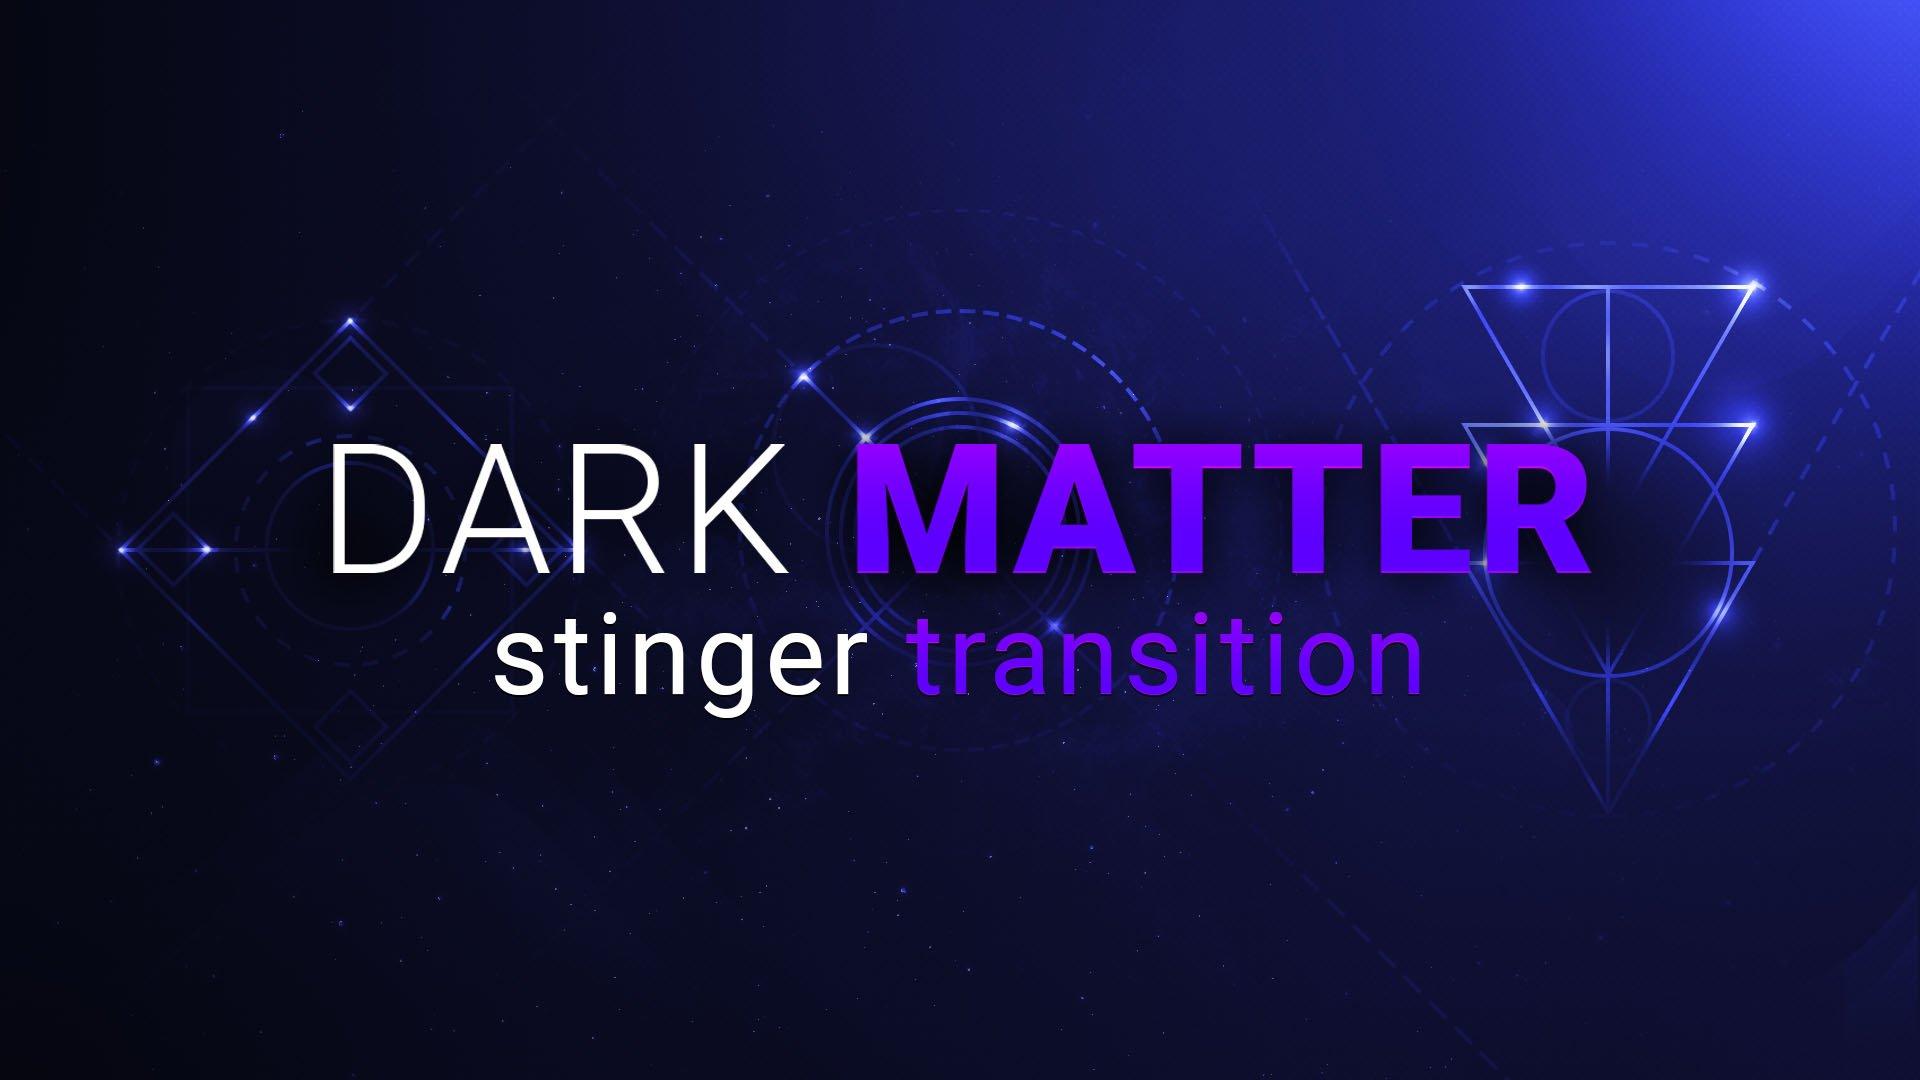 Dark Matter Stinger Transition - Visuals by Impulse